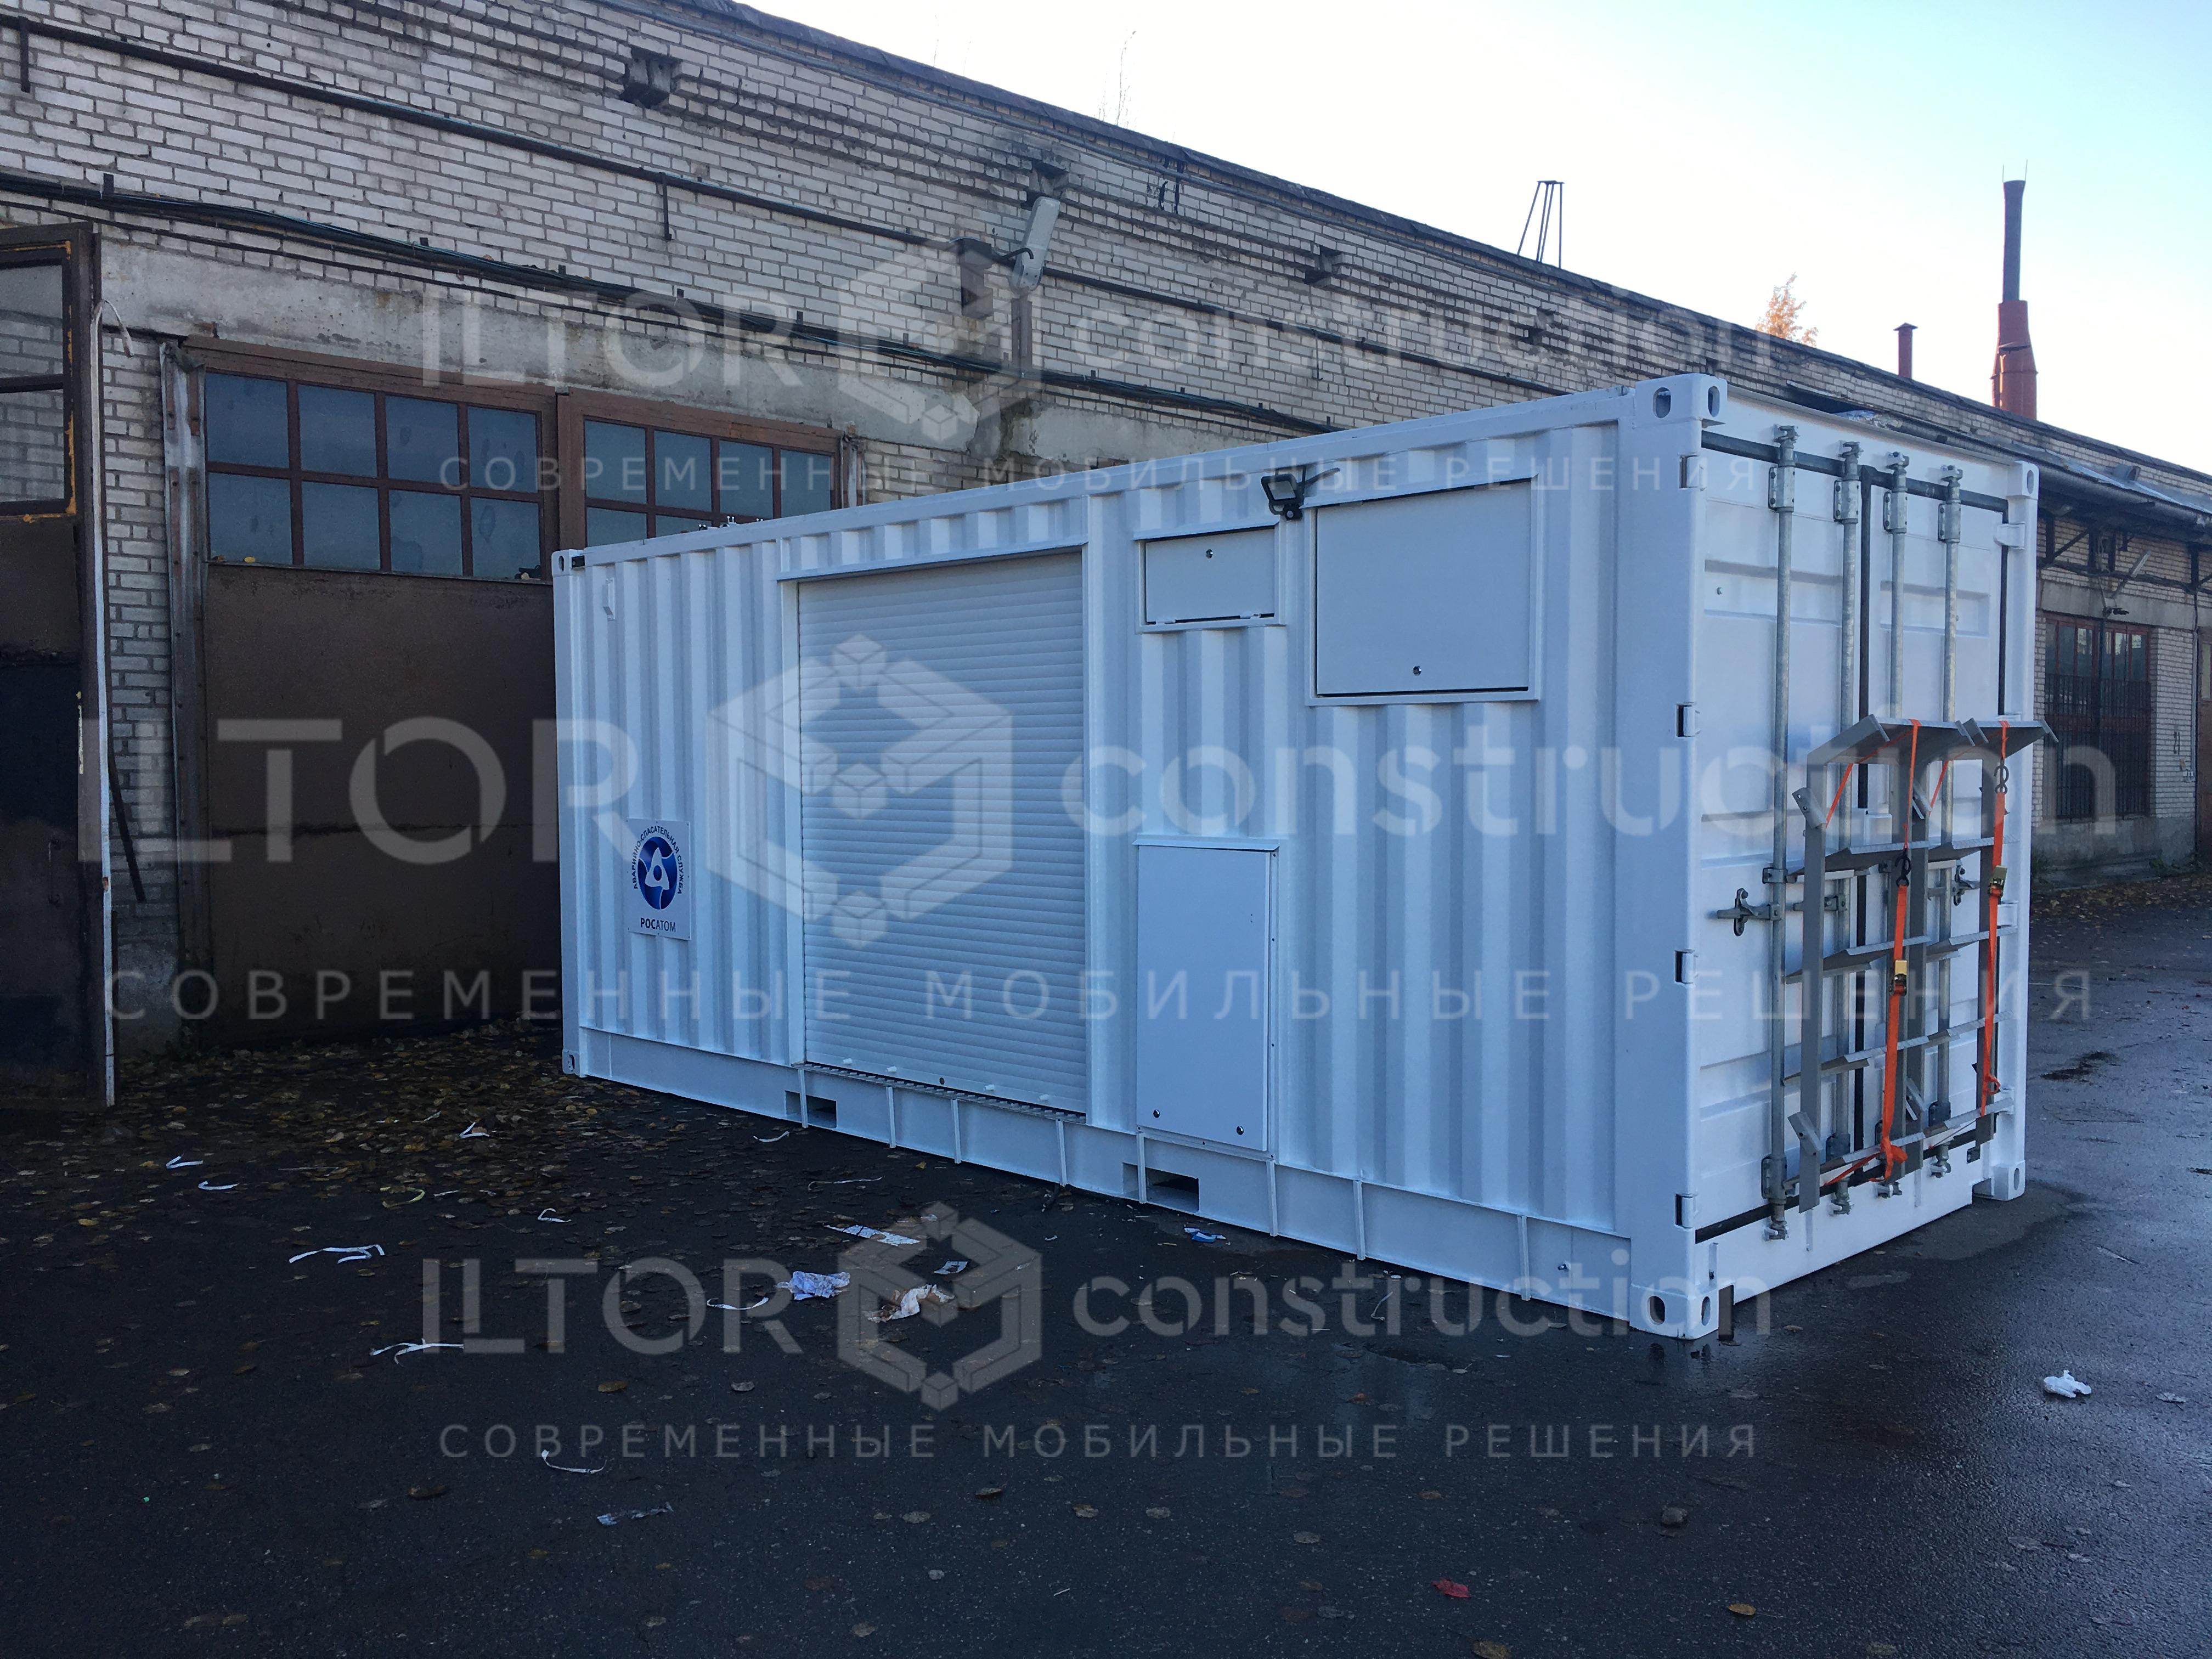 Переоборудование морского контейнера